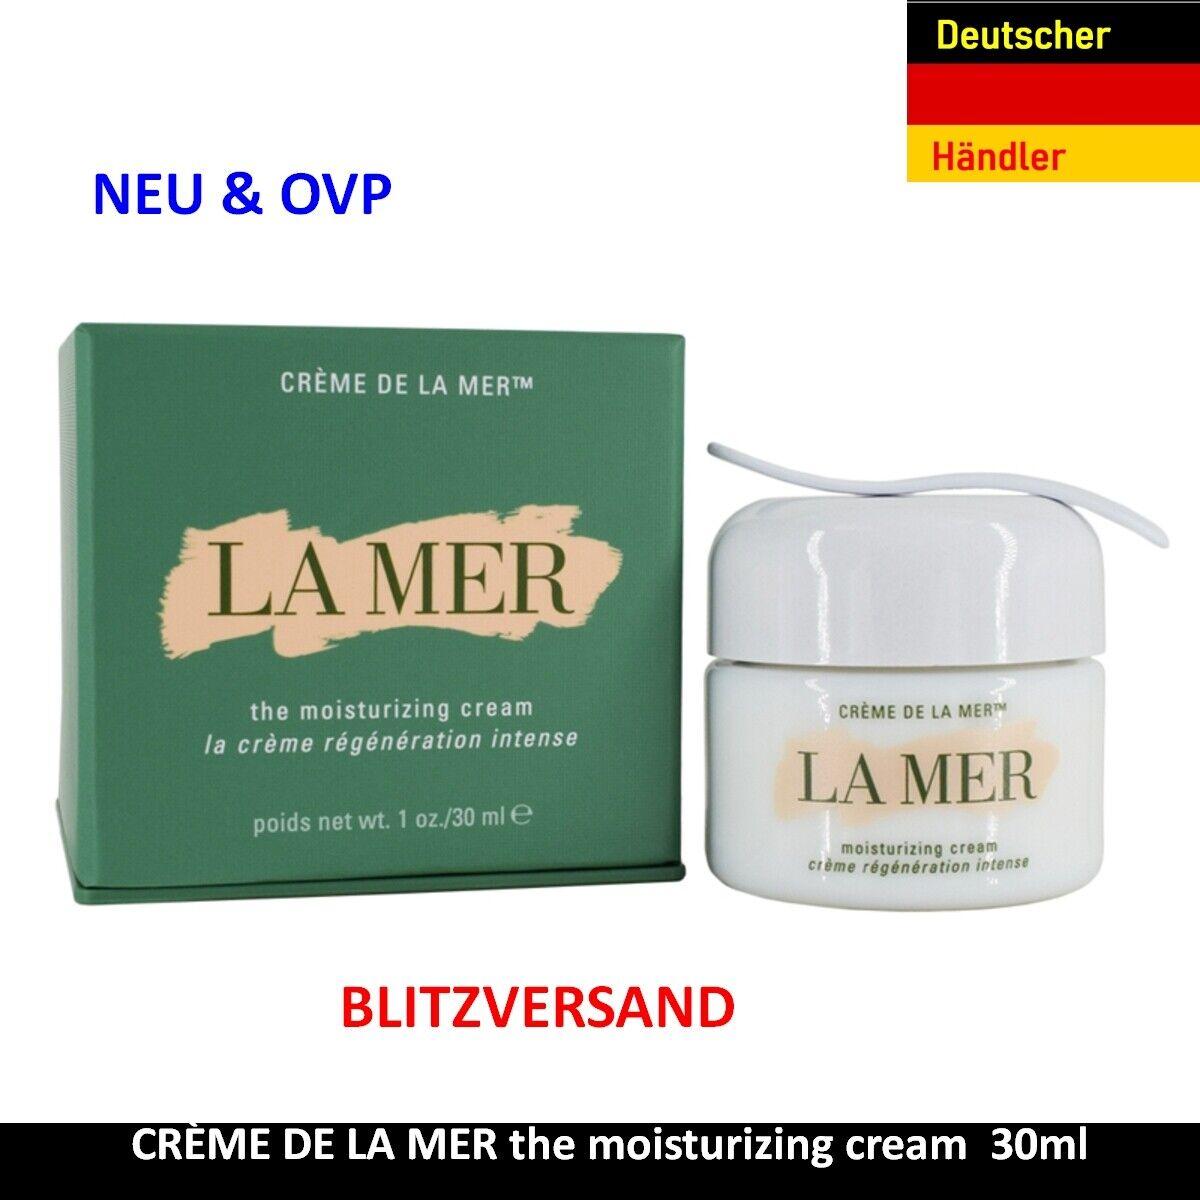 La Mer - 30 ml - Creme de la Mer - The Moisturizing Cream - Neu - RESTPOSTEN